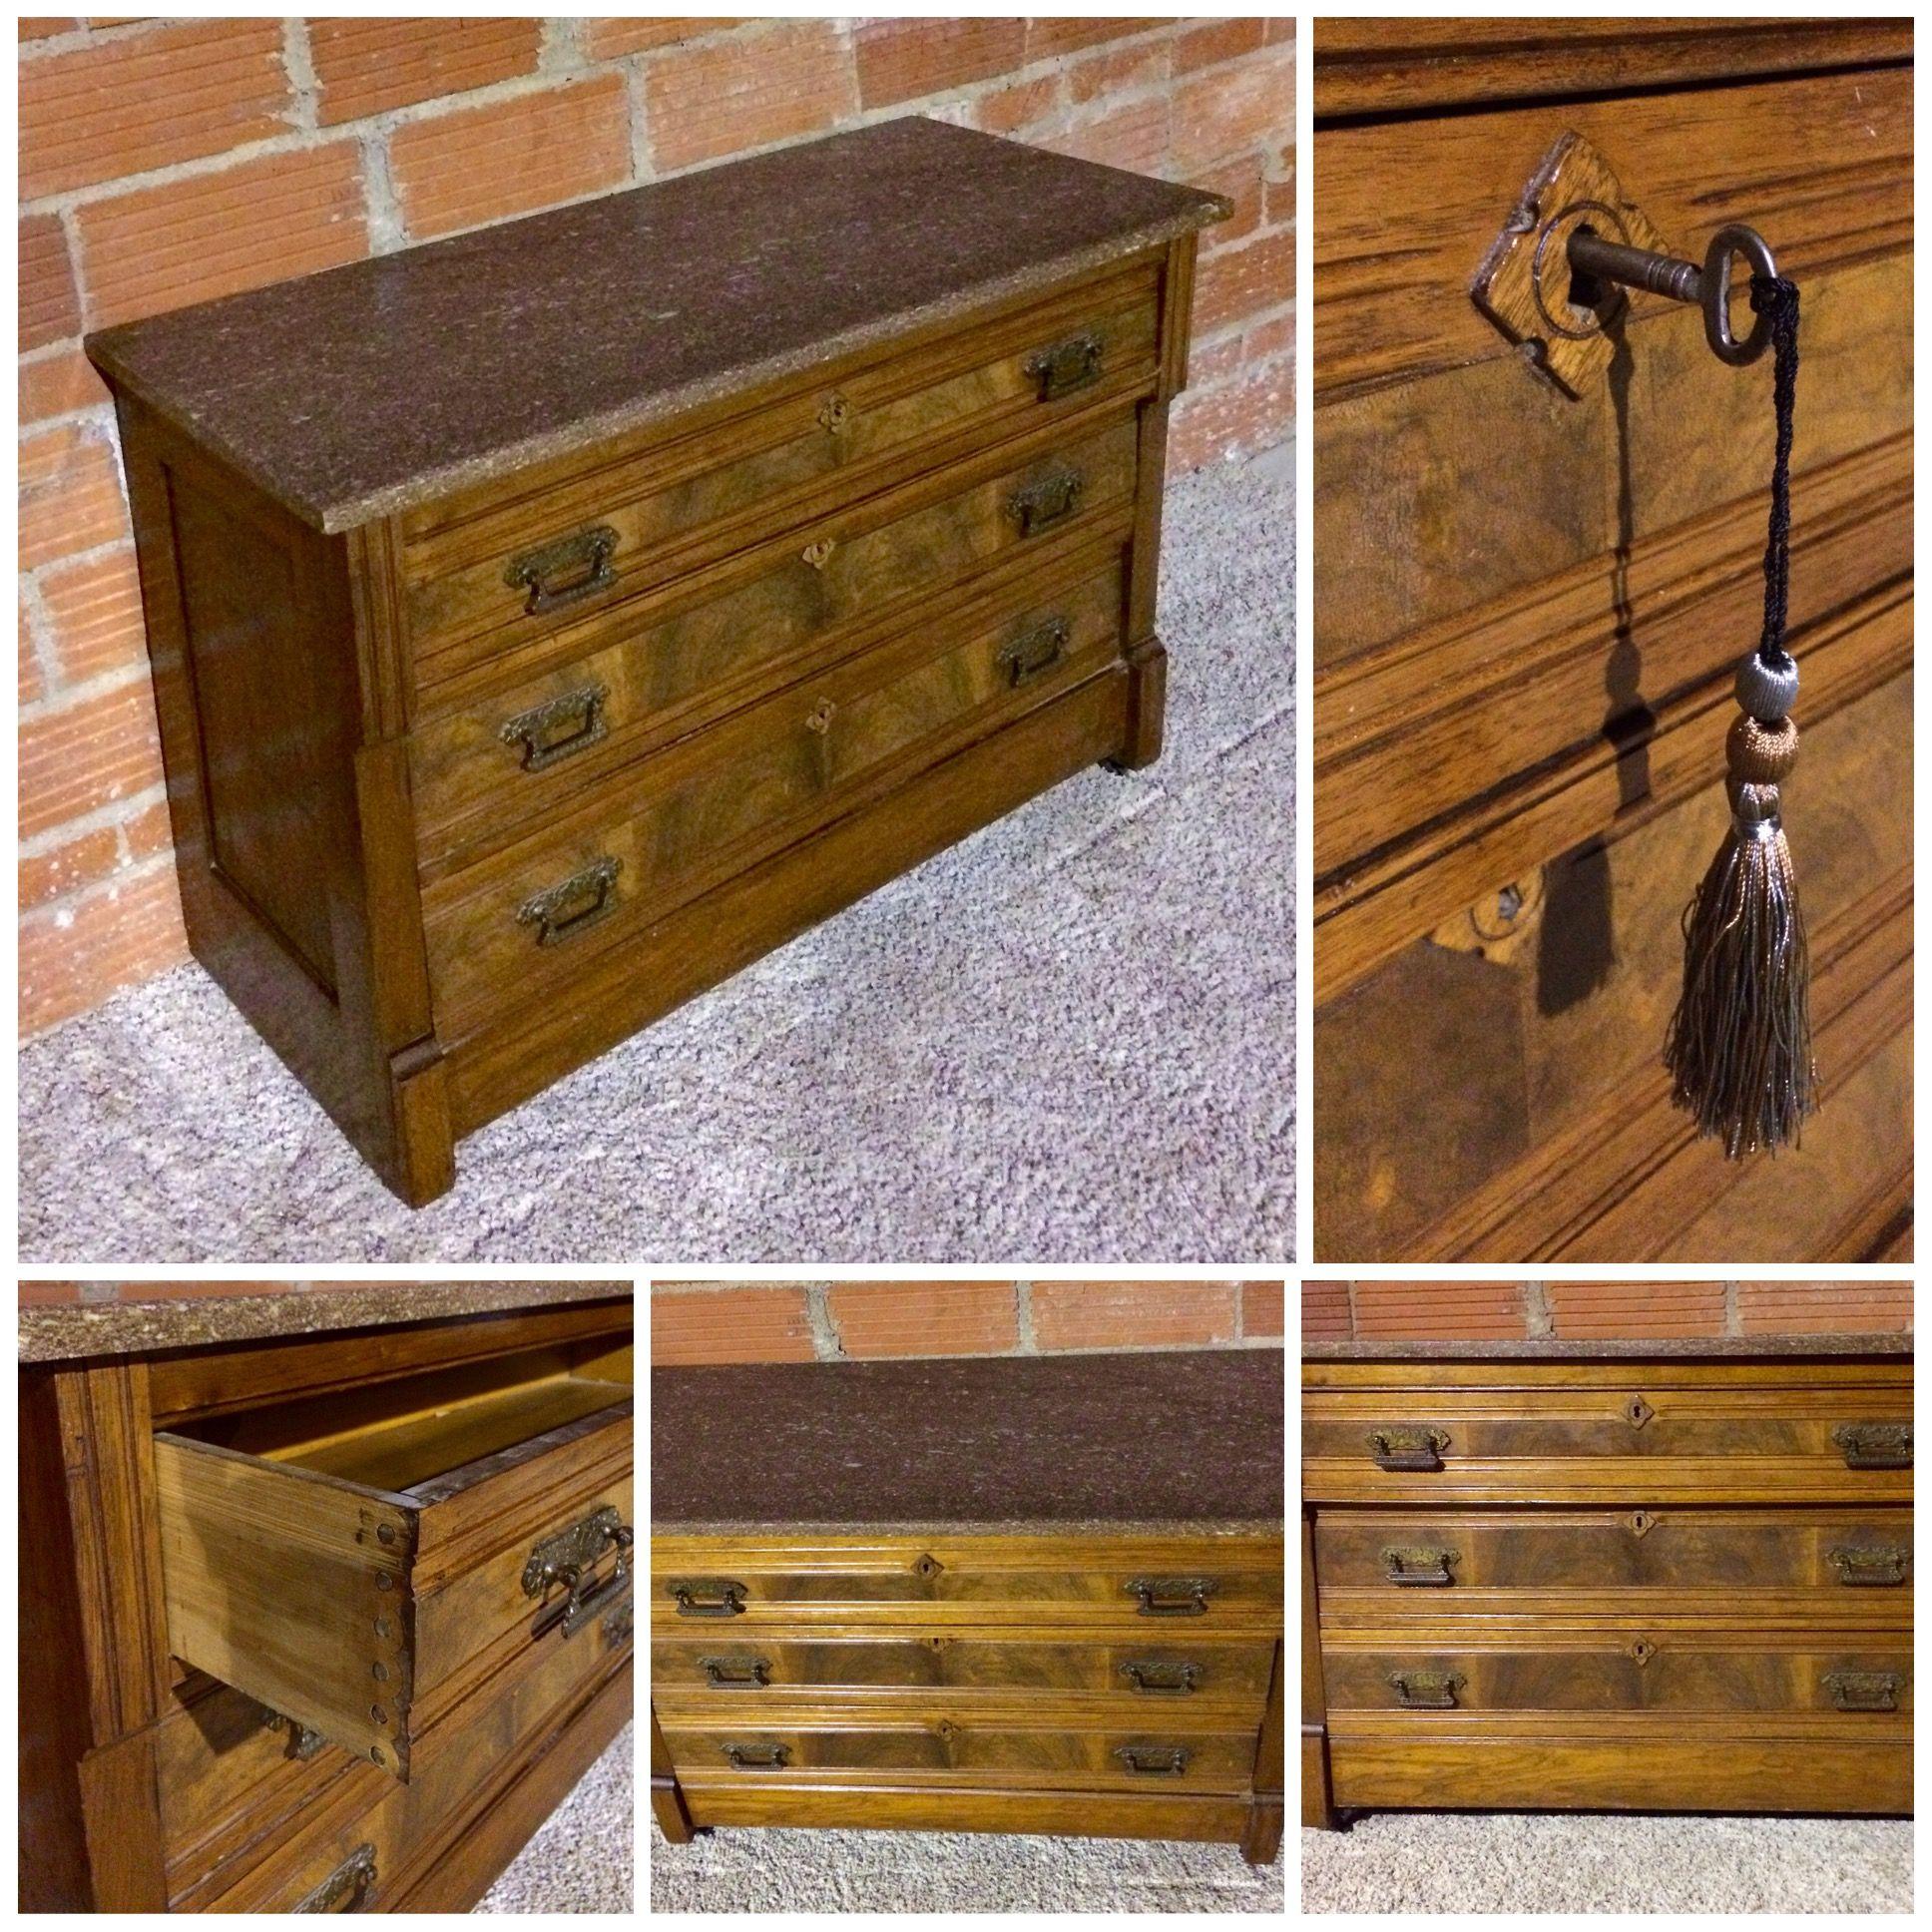 Antique marble top 3 drawer locking chest w key storage